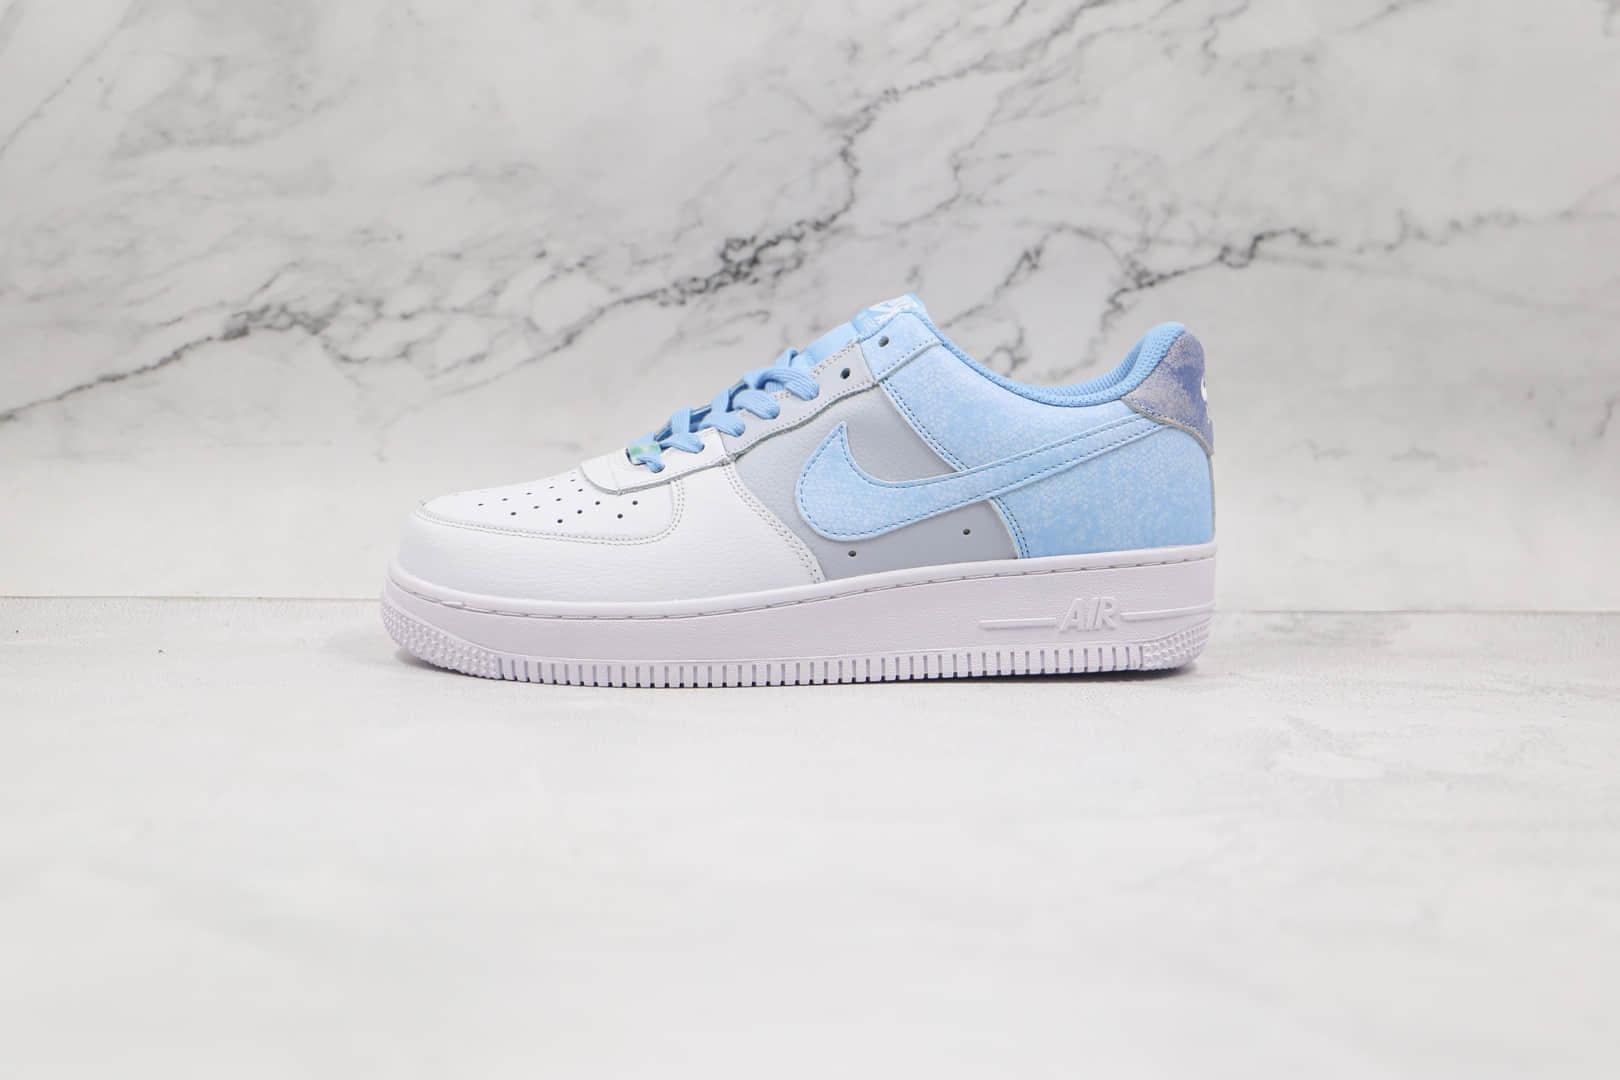 纯原版本耐克低帮空军一号白灰蓝扎染配色板鞋出货